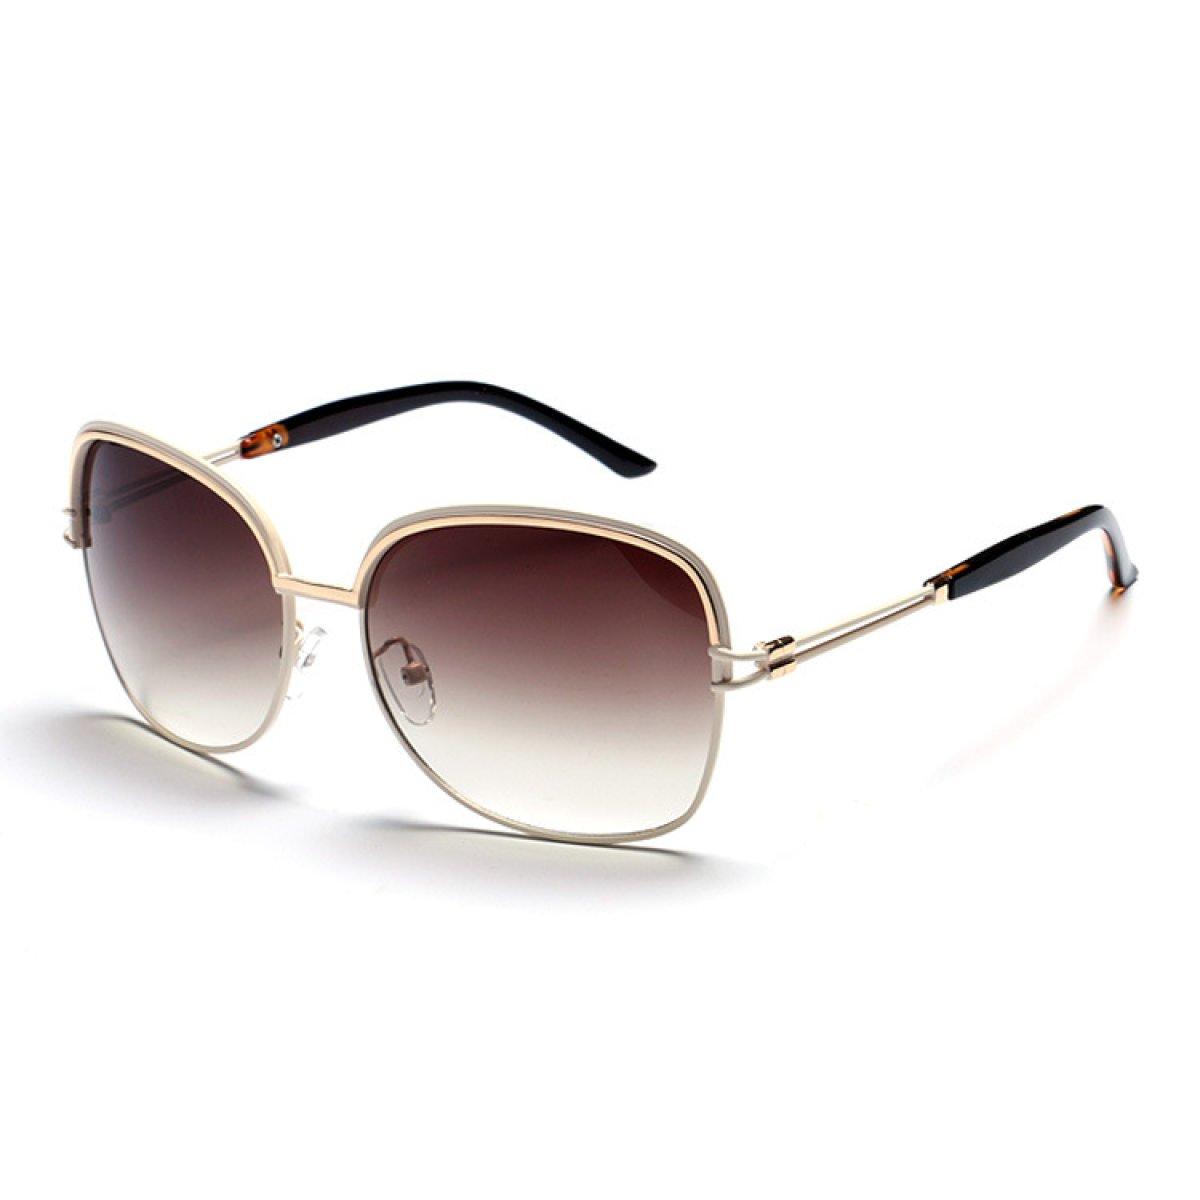 Wkaijc Retro Mode Sonnenbrillen Mode Persönlichkeit Bequem Kreativ Farbfilm Sonnenbrillen ,B